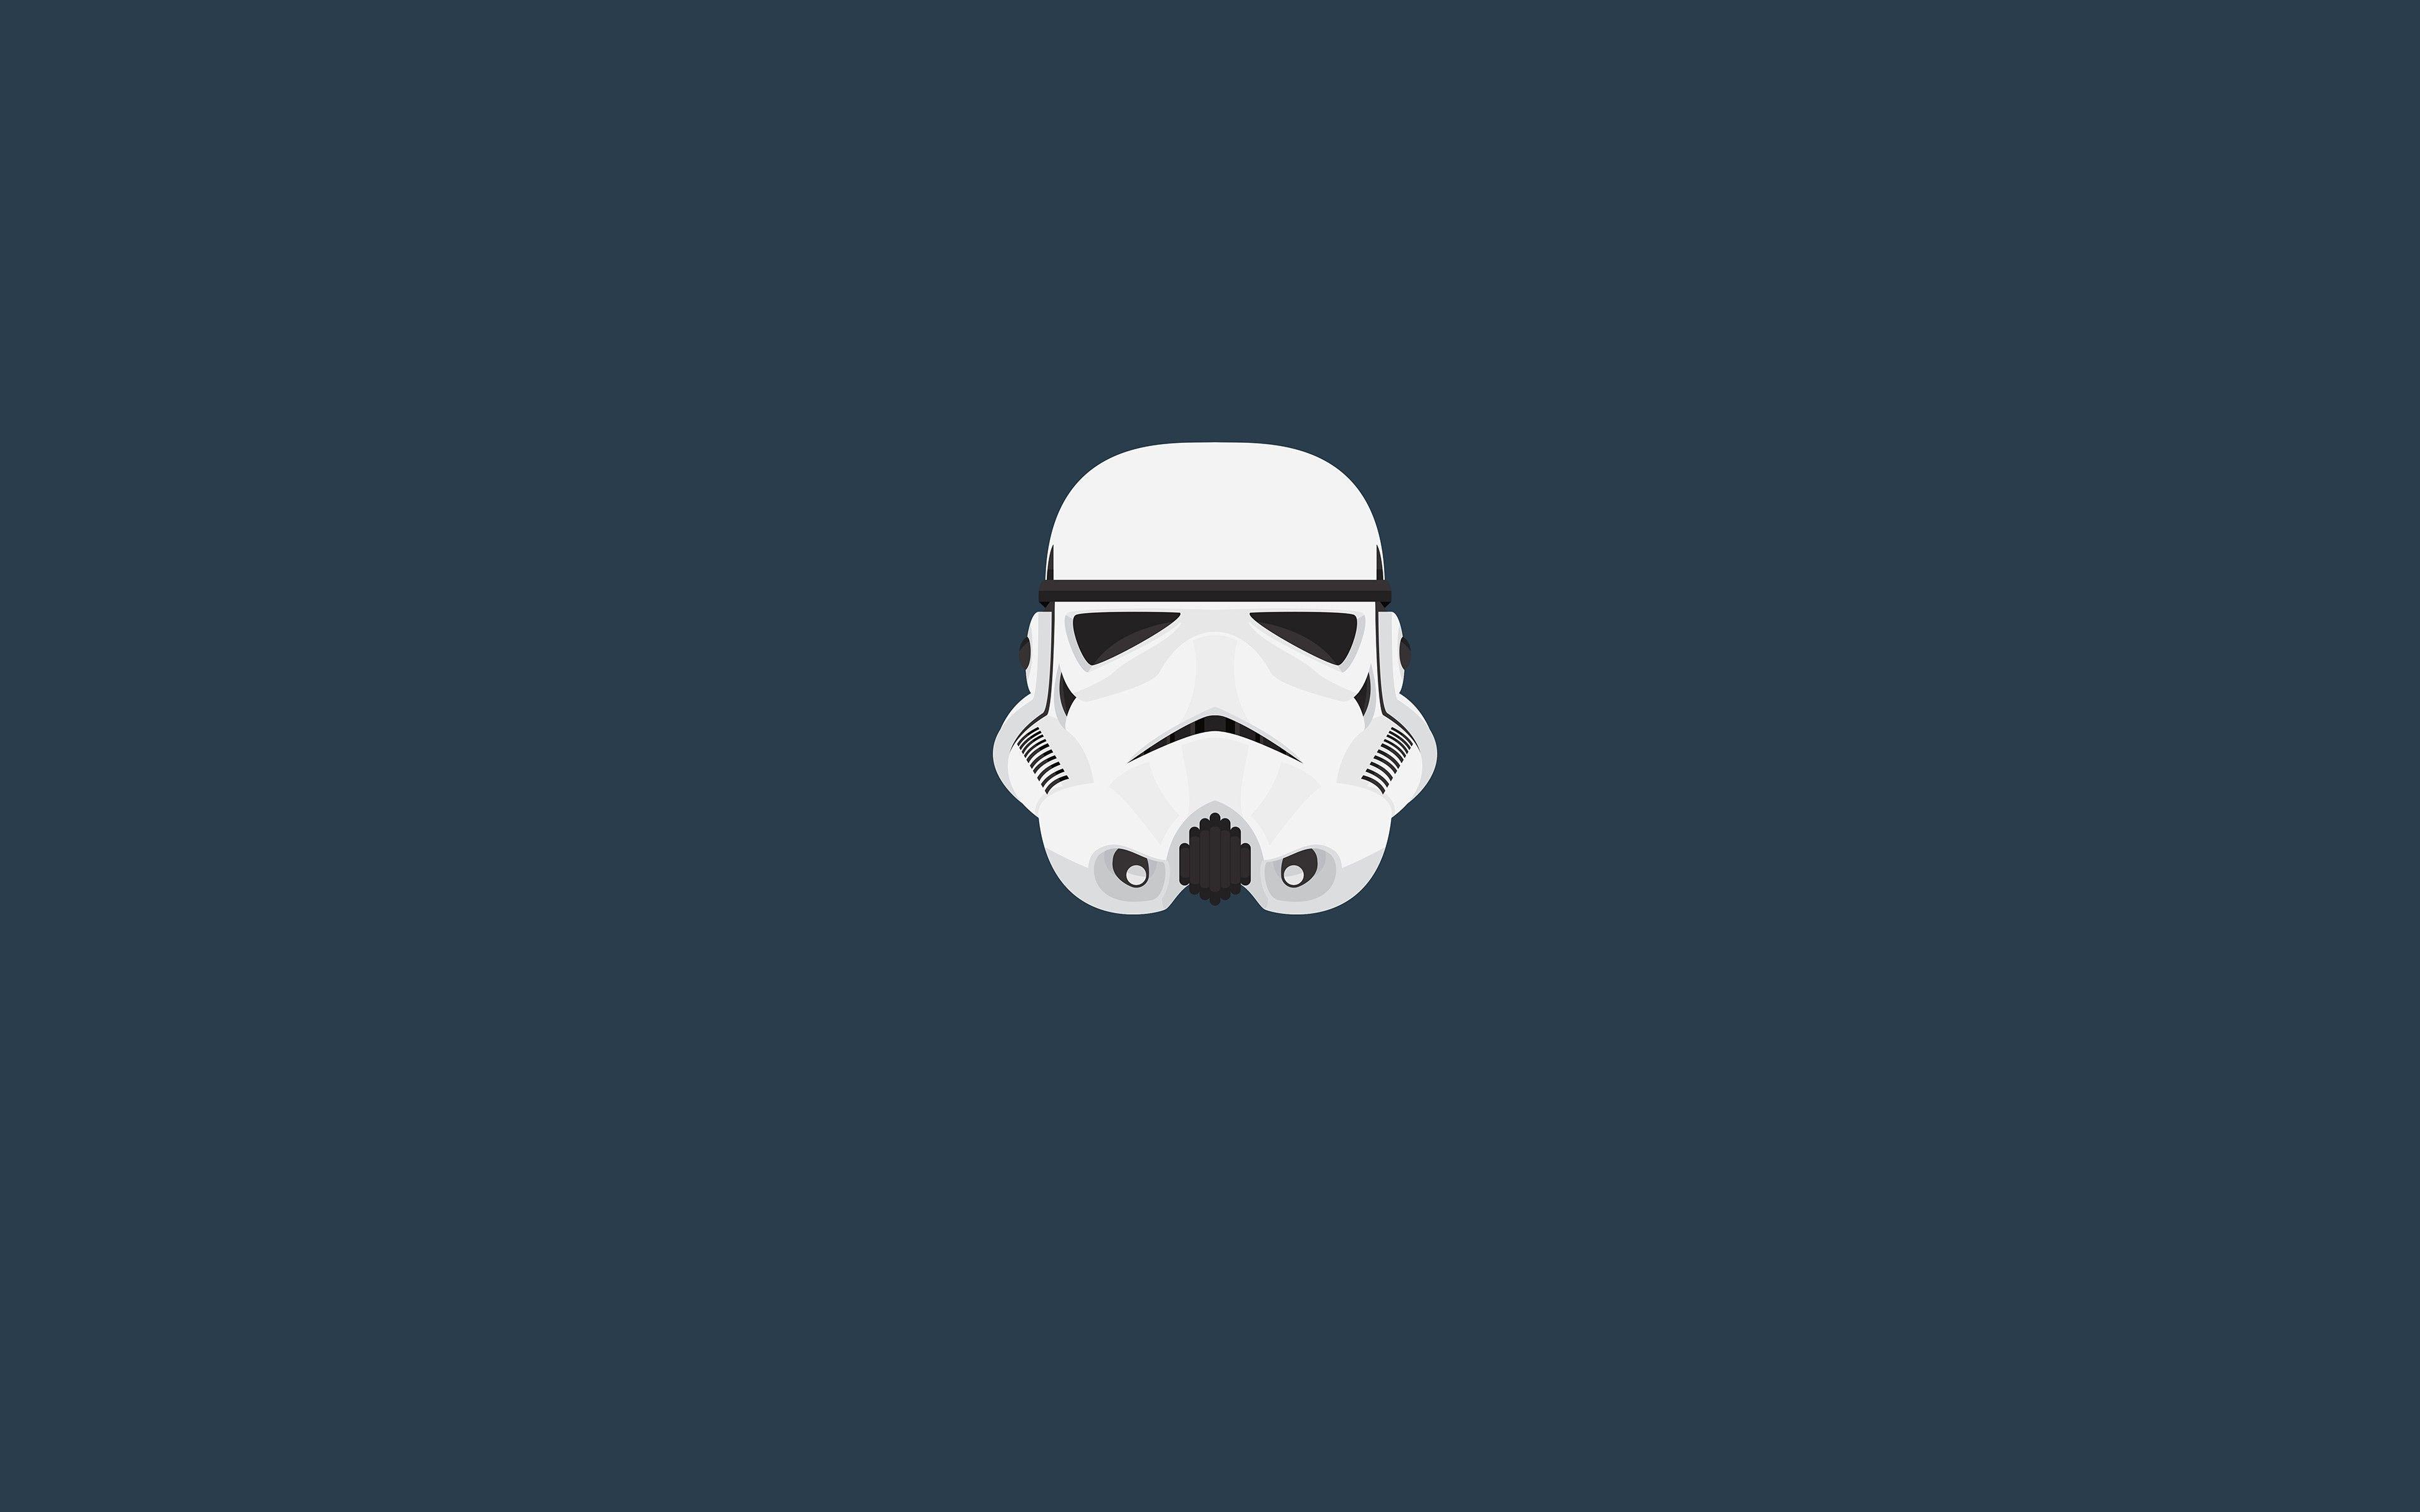 Minimal Star Wars Wallpapers Post Star Wars Wallpaper Iphone Star Wars Wallpaper Star Wars Background